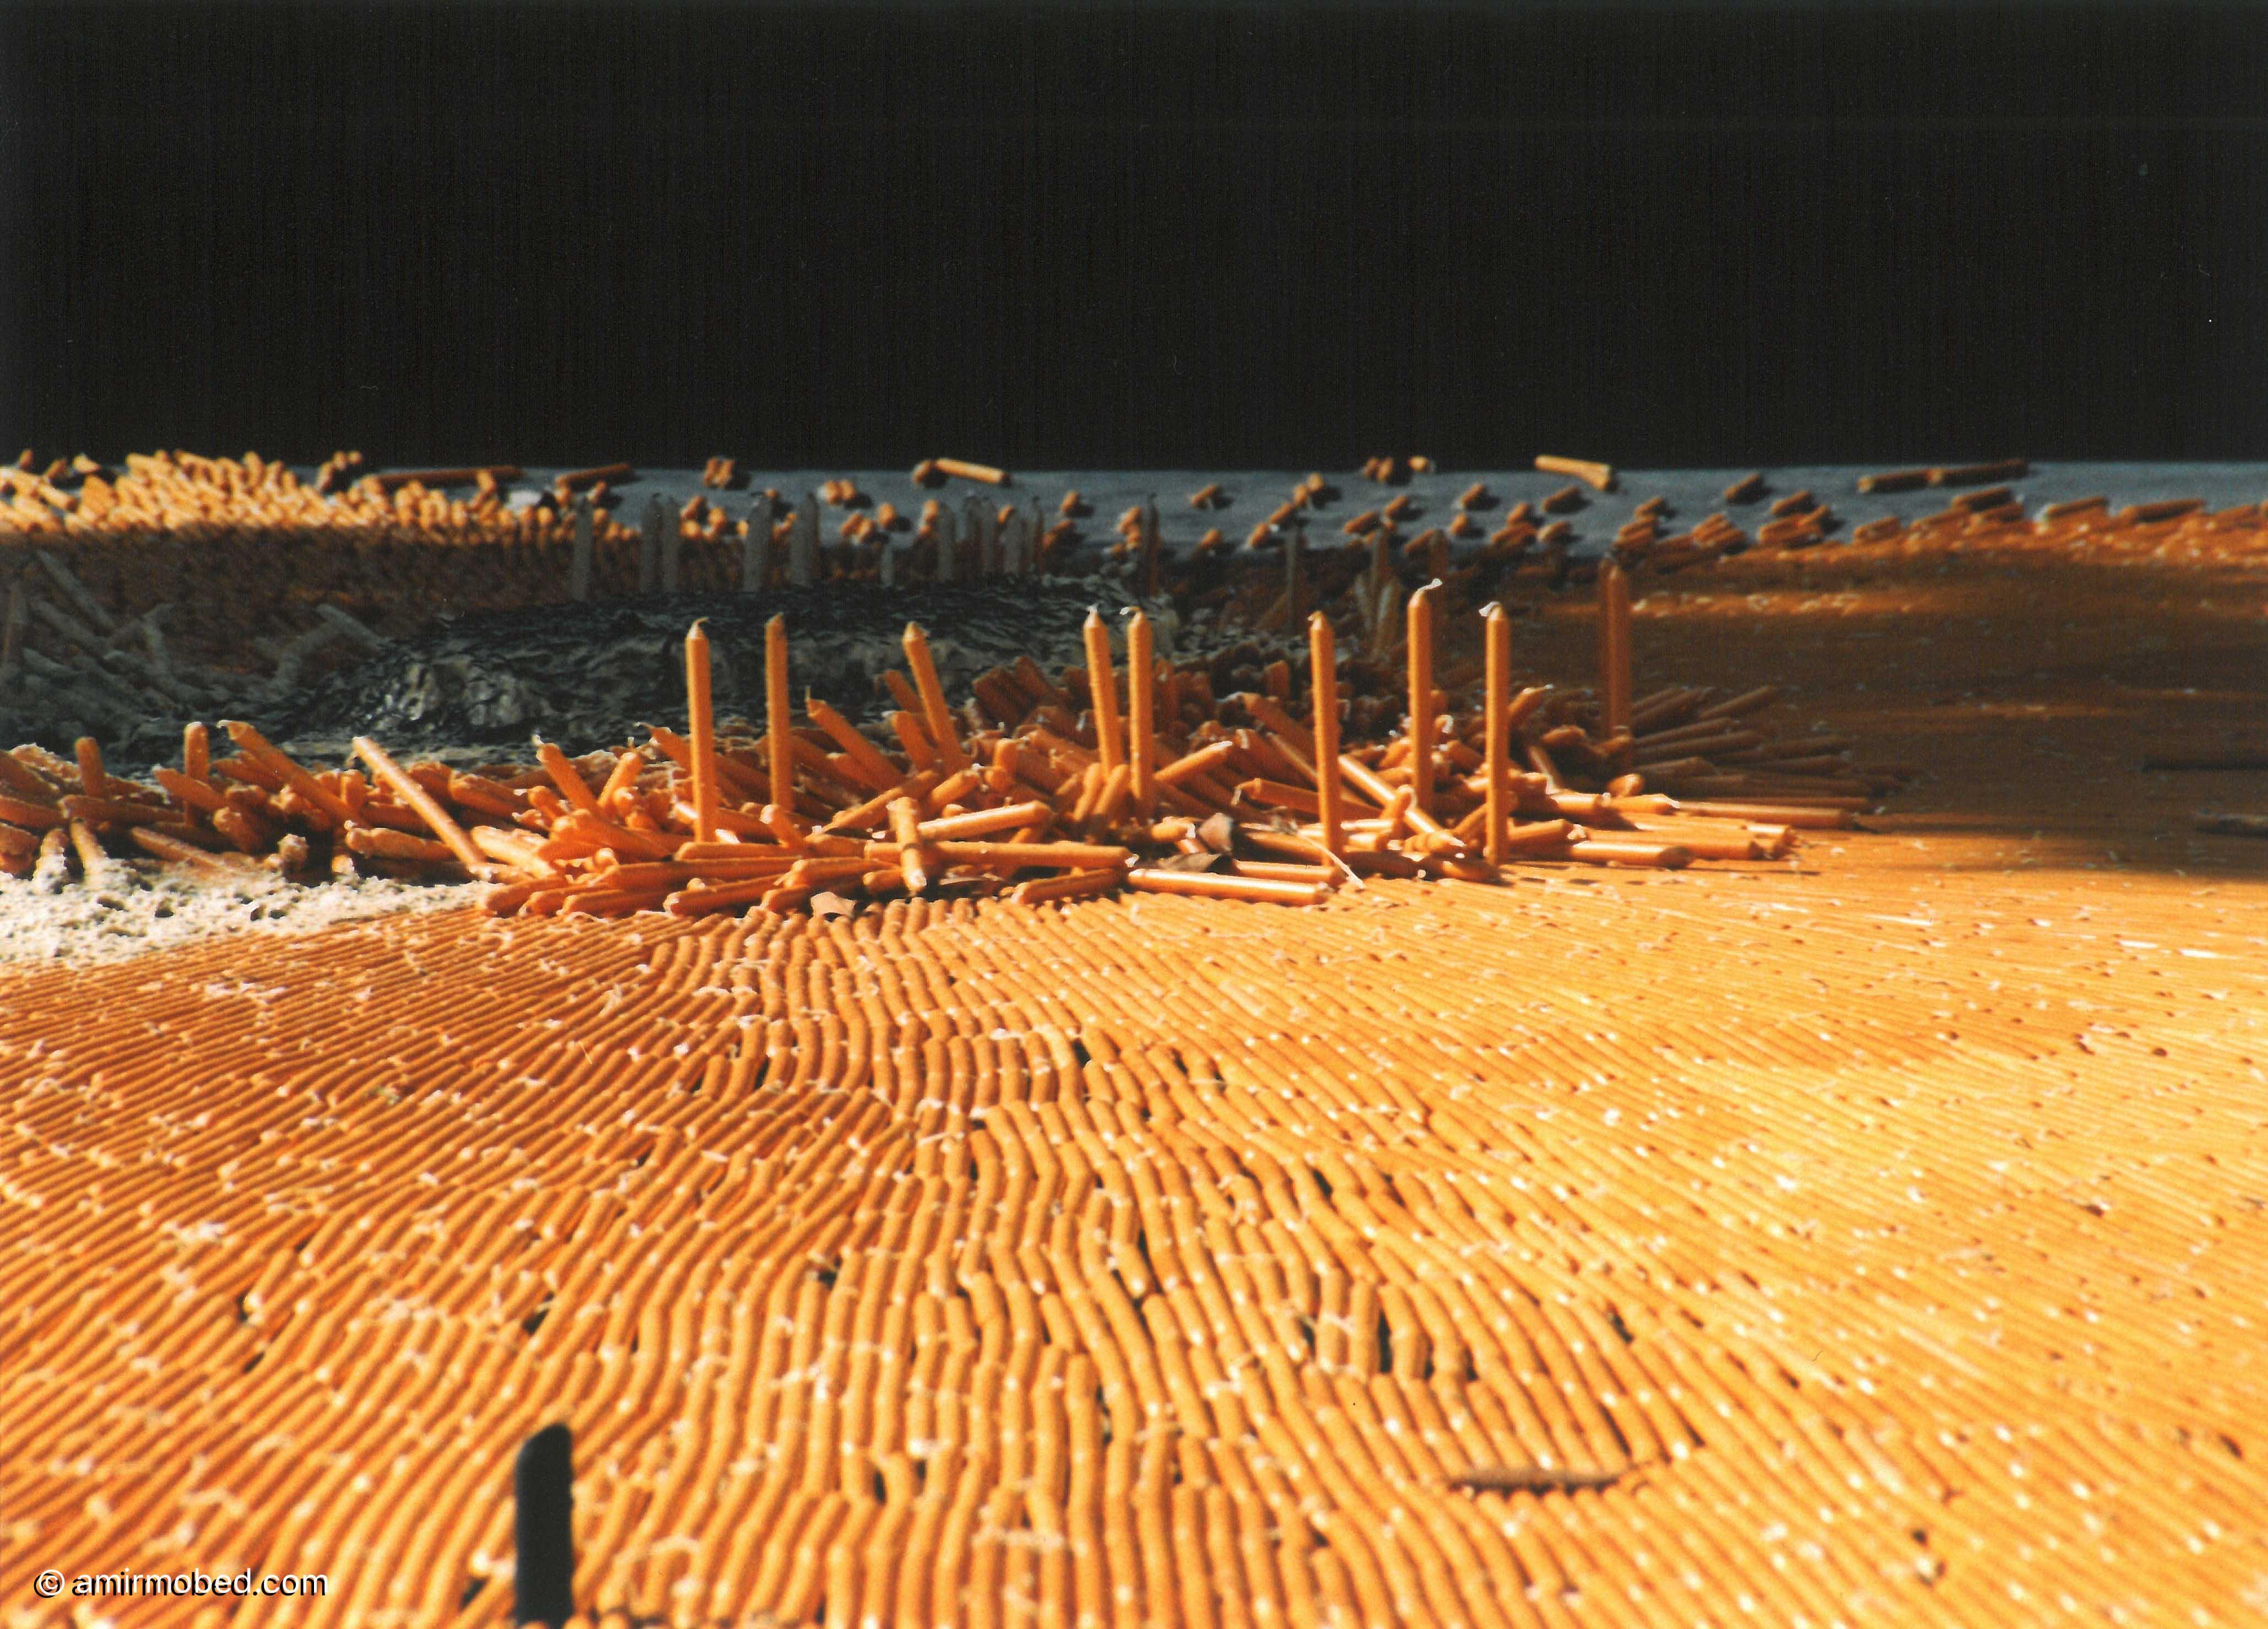 شمعها، ۱۳۸۳، چیدمان، ۱۴۰۰۰ شمع، چیدمان داخل استخر